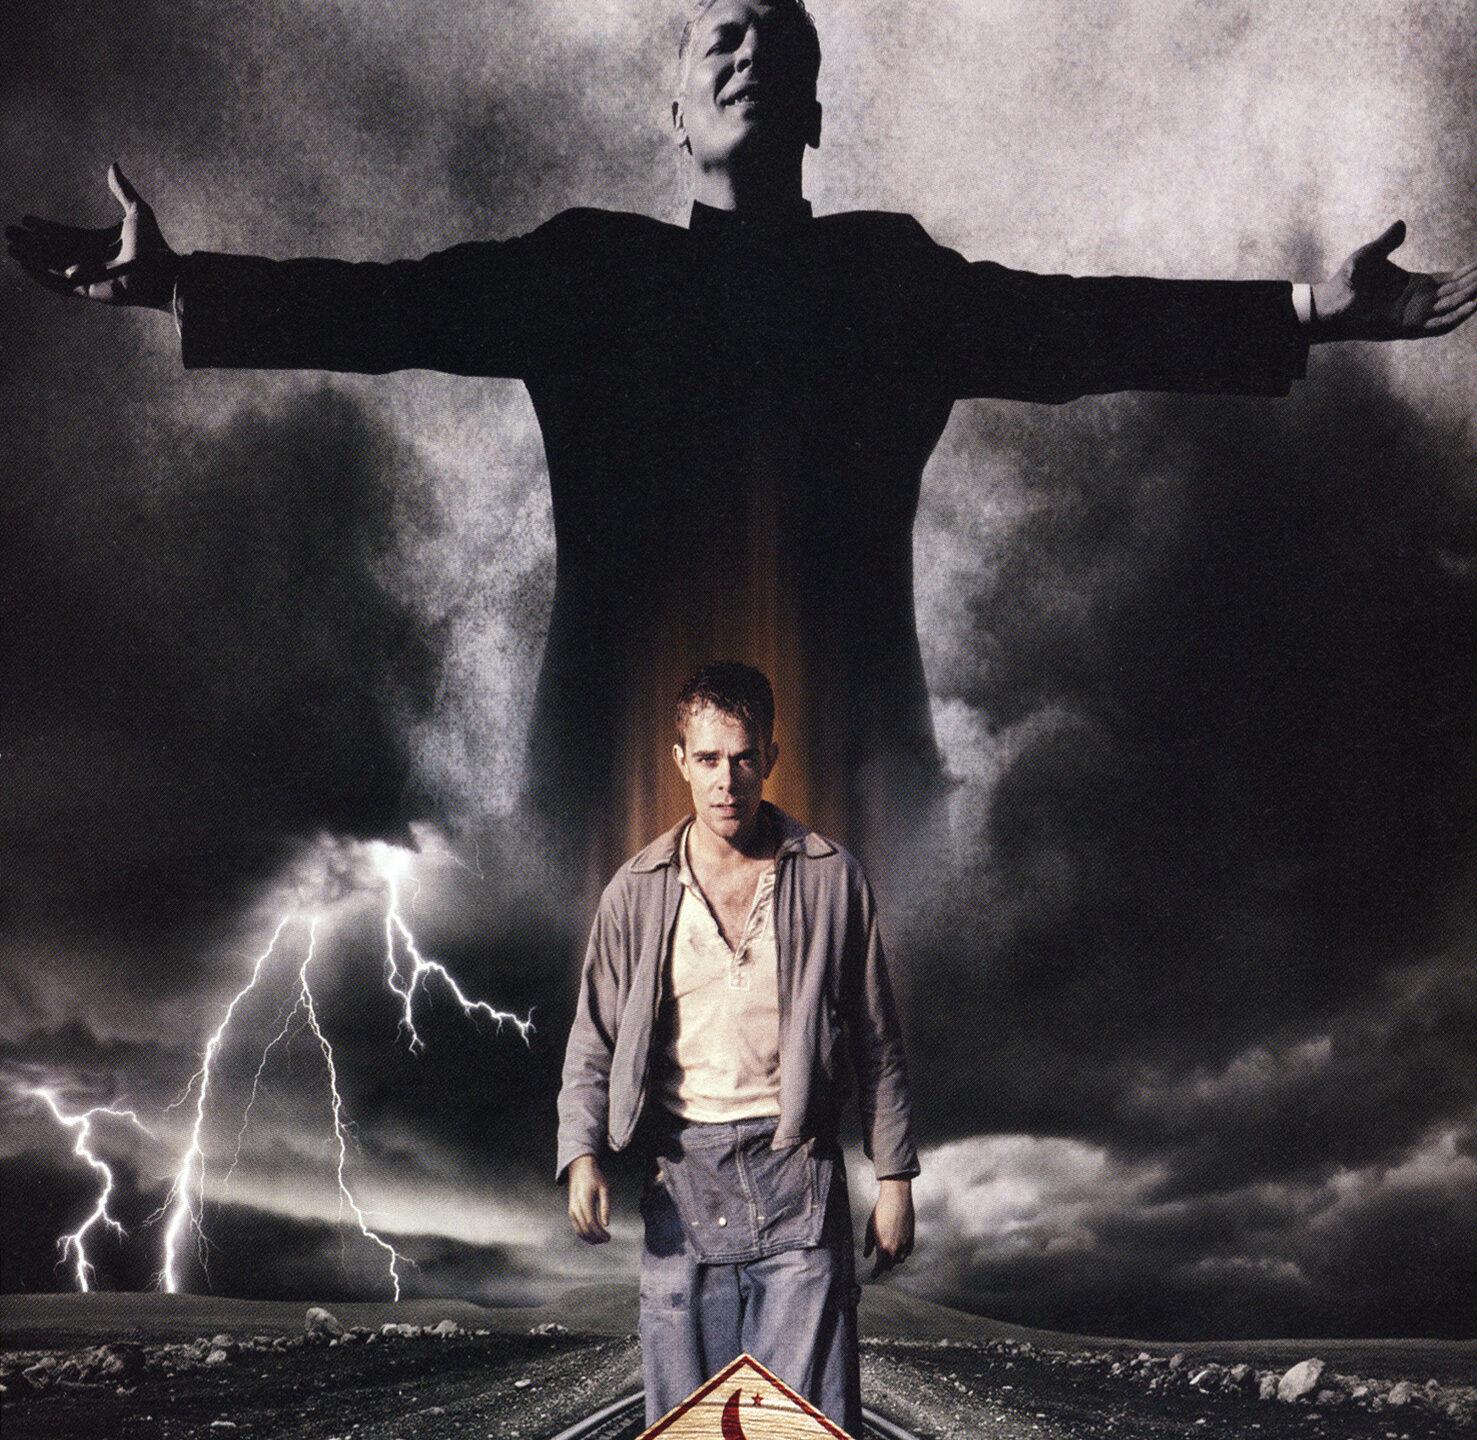 Une série HBO de vingt-quatre épisodes seulement, et je le regrette chaque jour que Dieu fait.